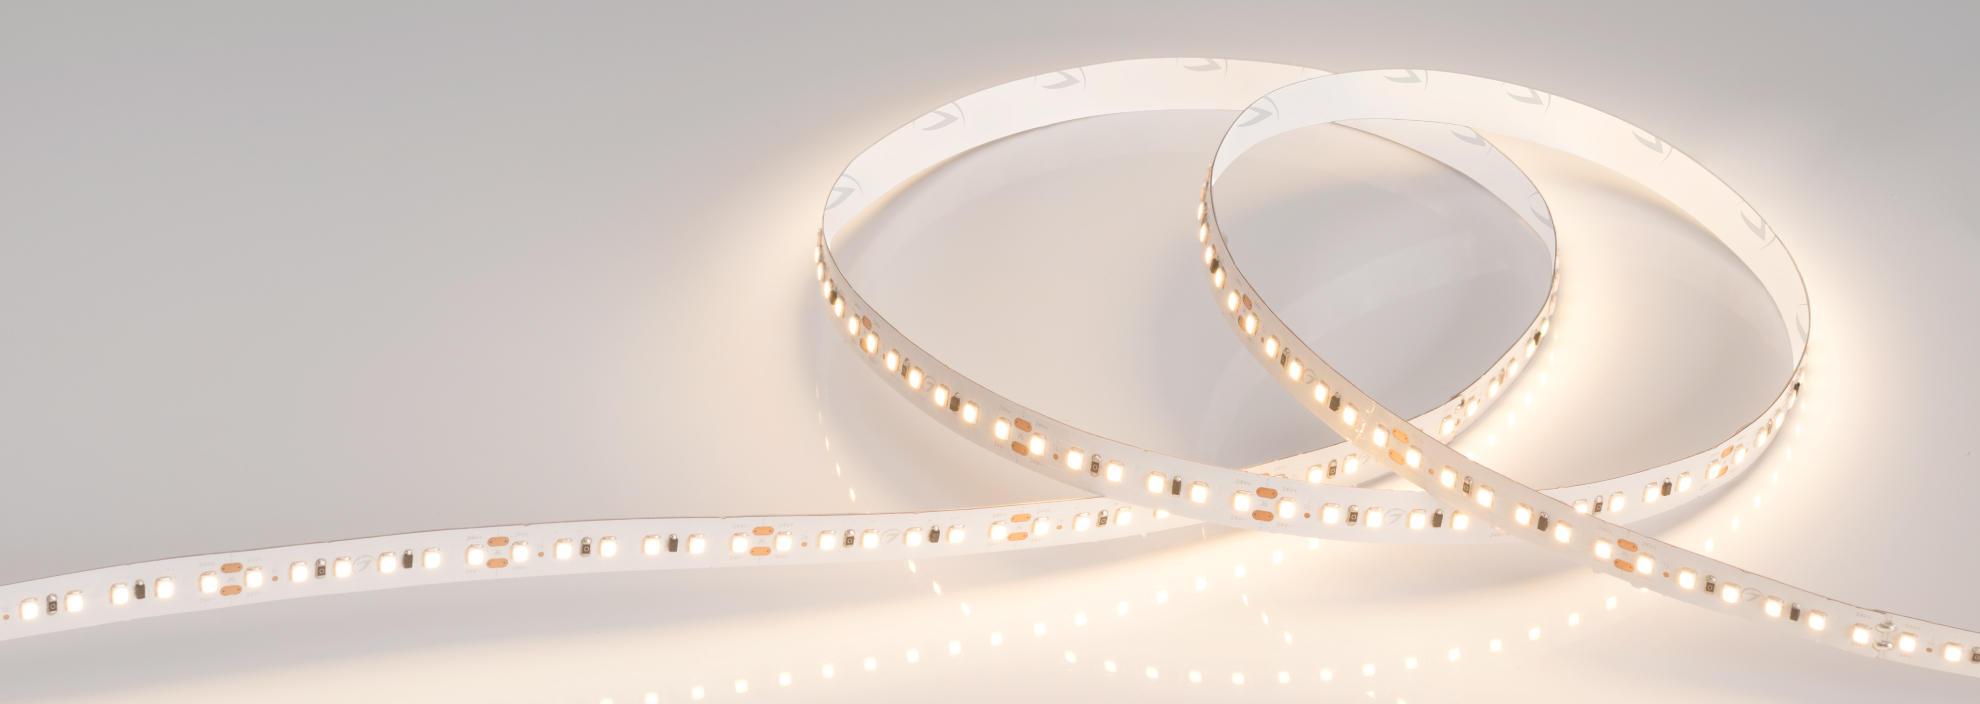 Светодиодная лента 2835 - 20 метров равномерного свечения